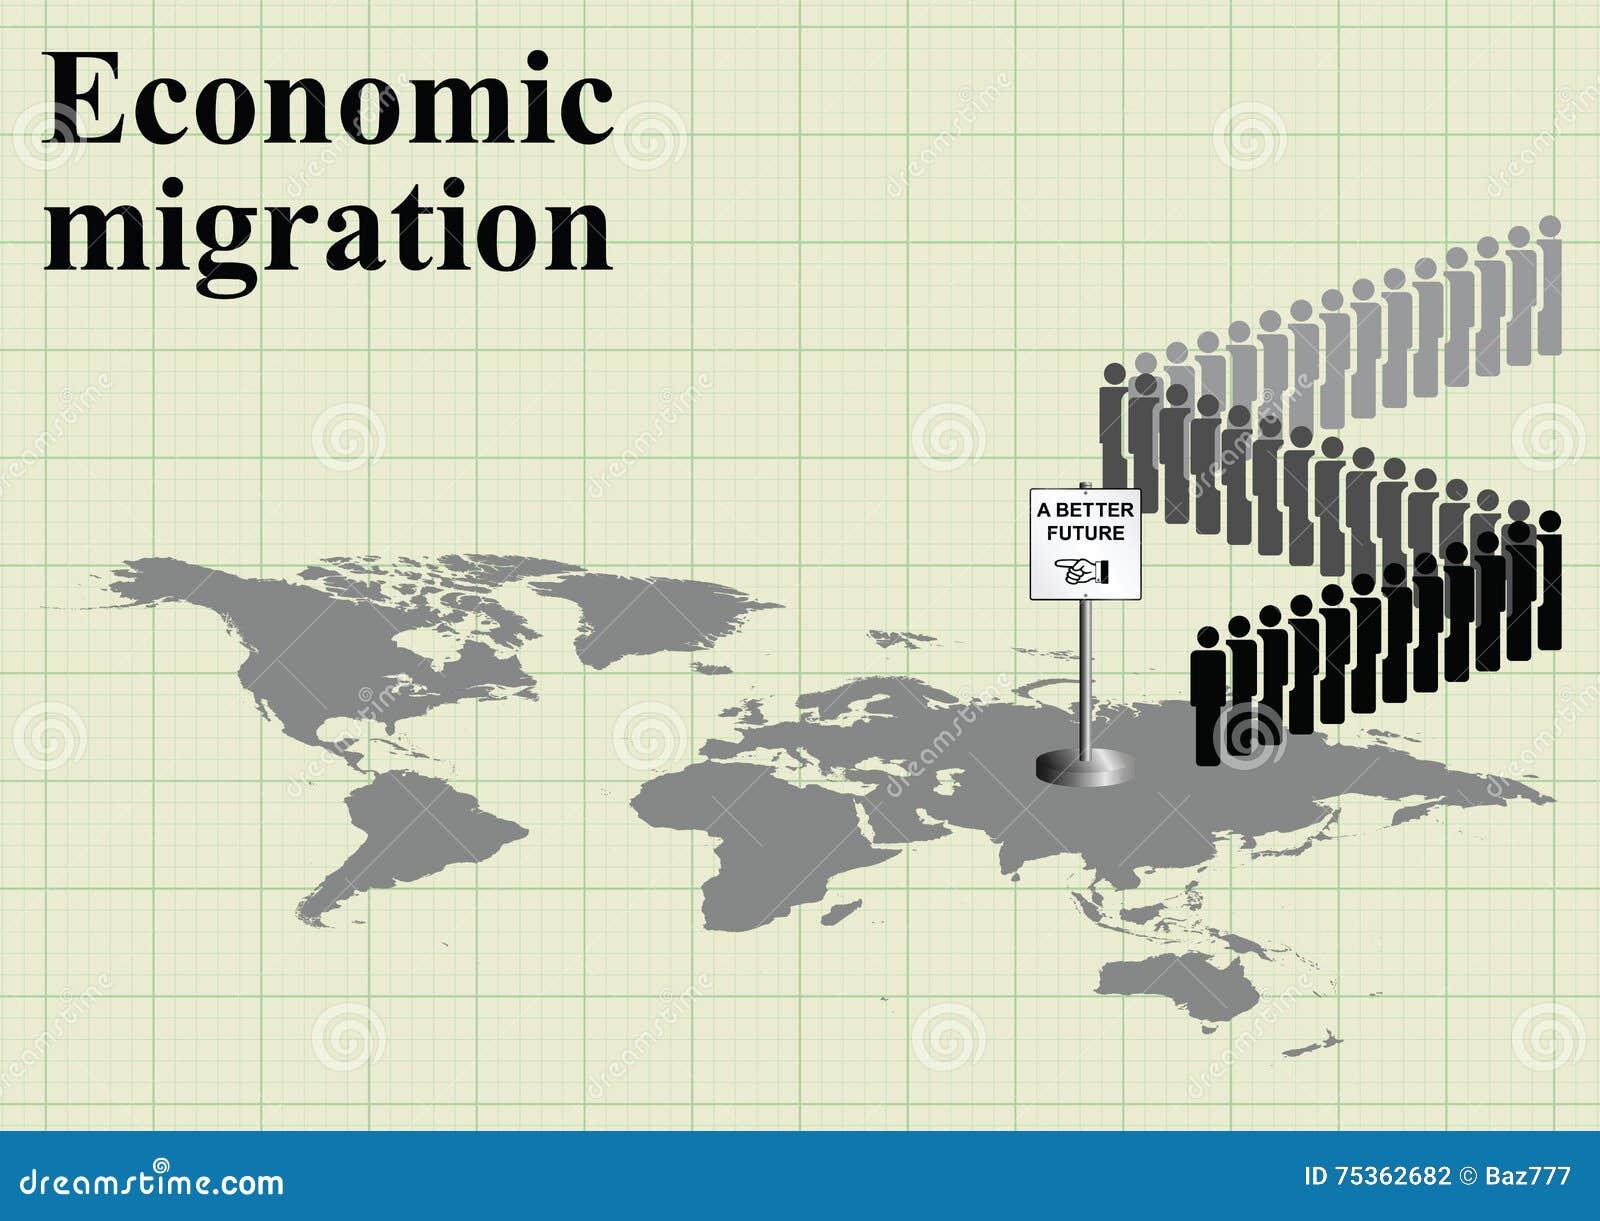 carte conomique du monde de migration illustration de vecteur image 75362682. Black Bedroom Furniture Sets. Home Design Ideas